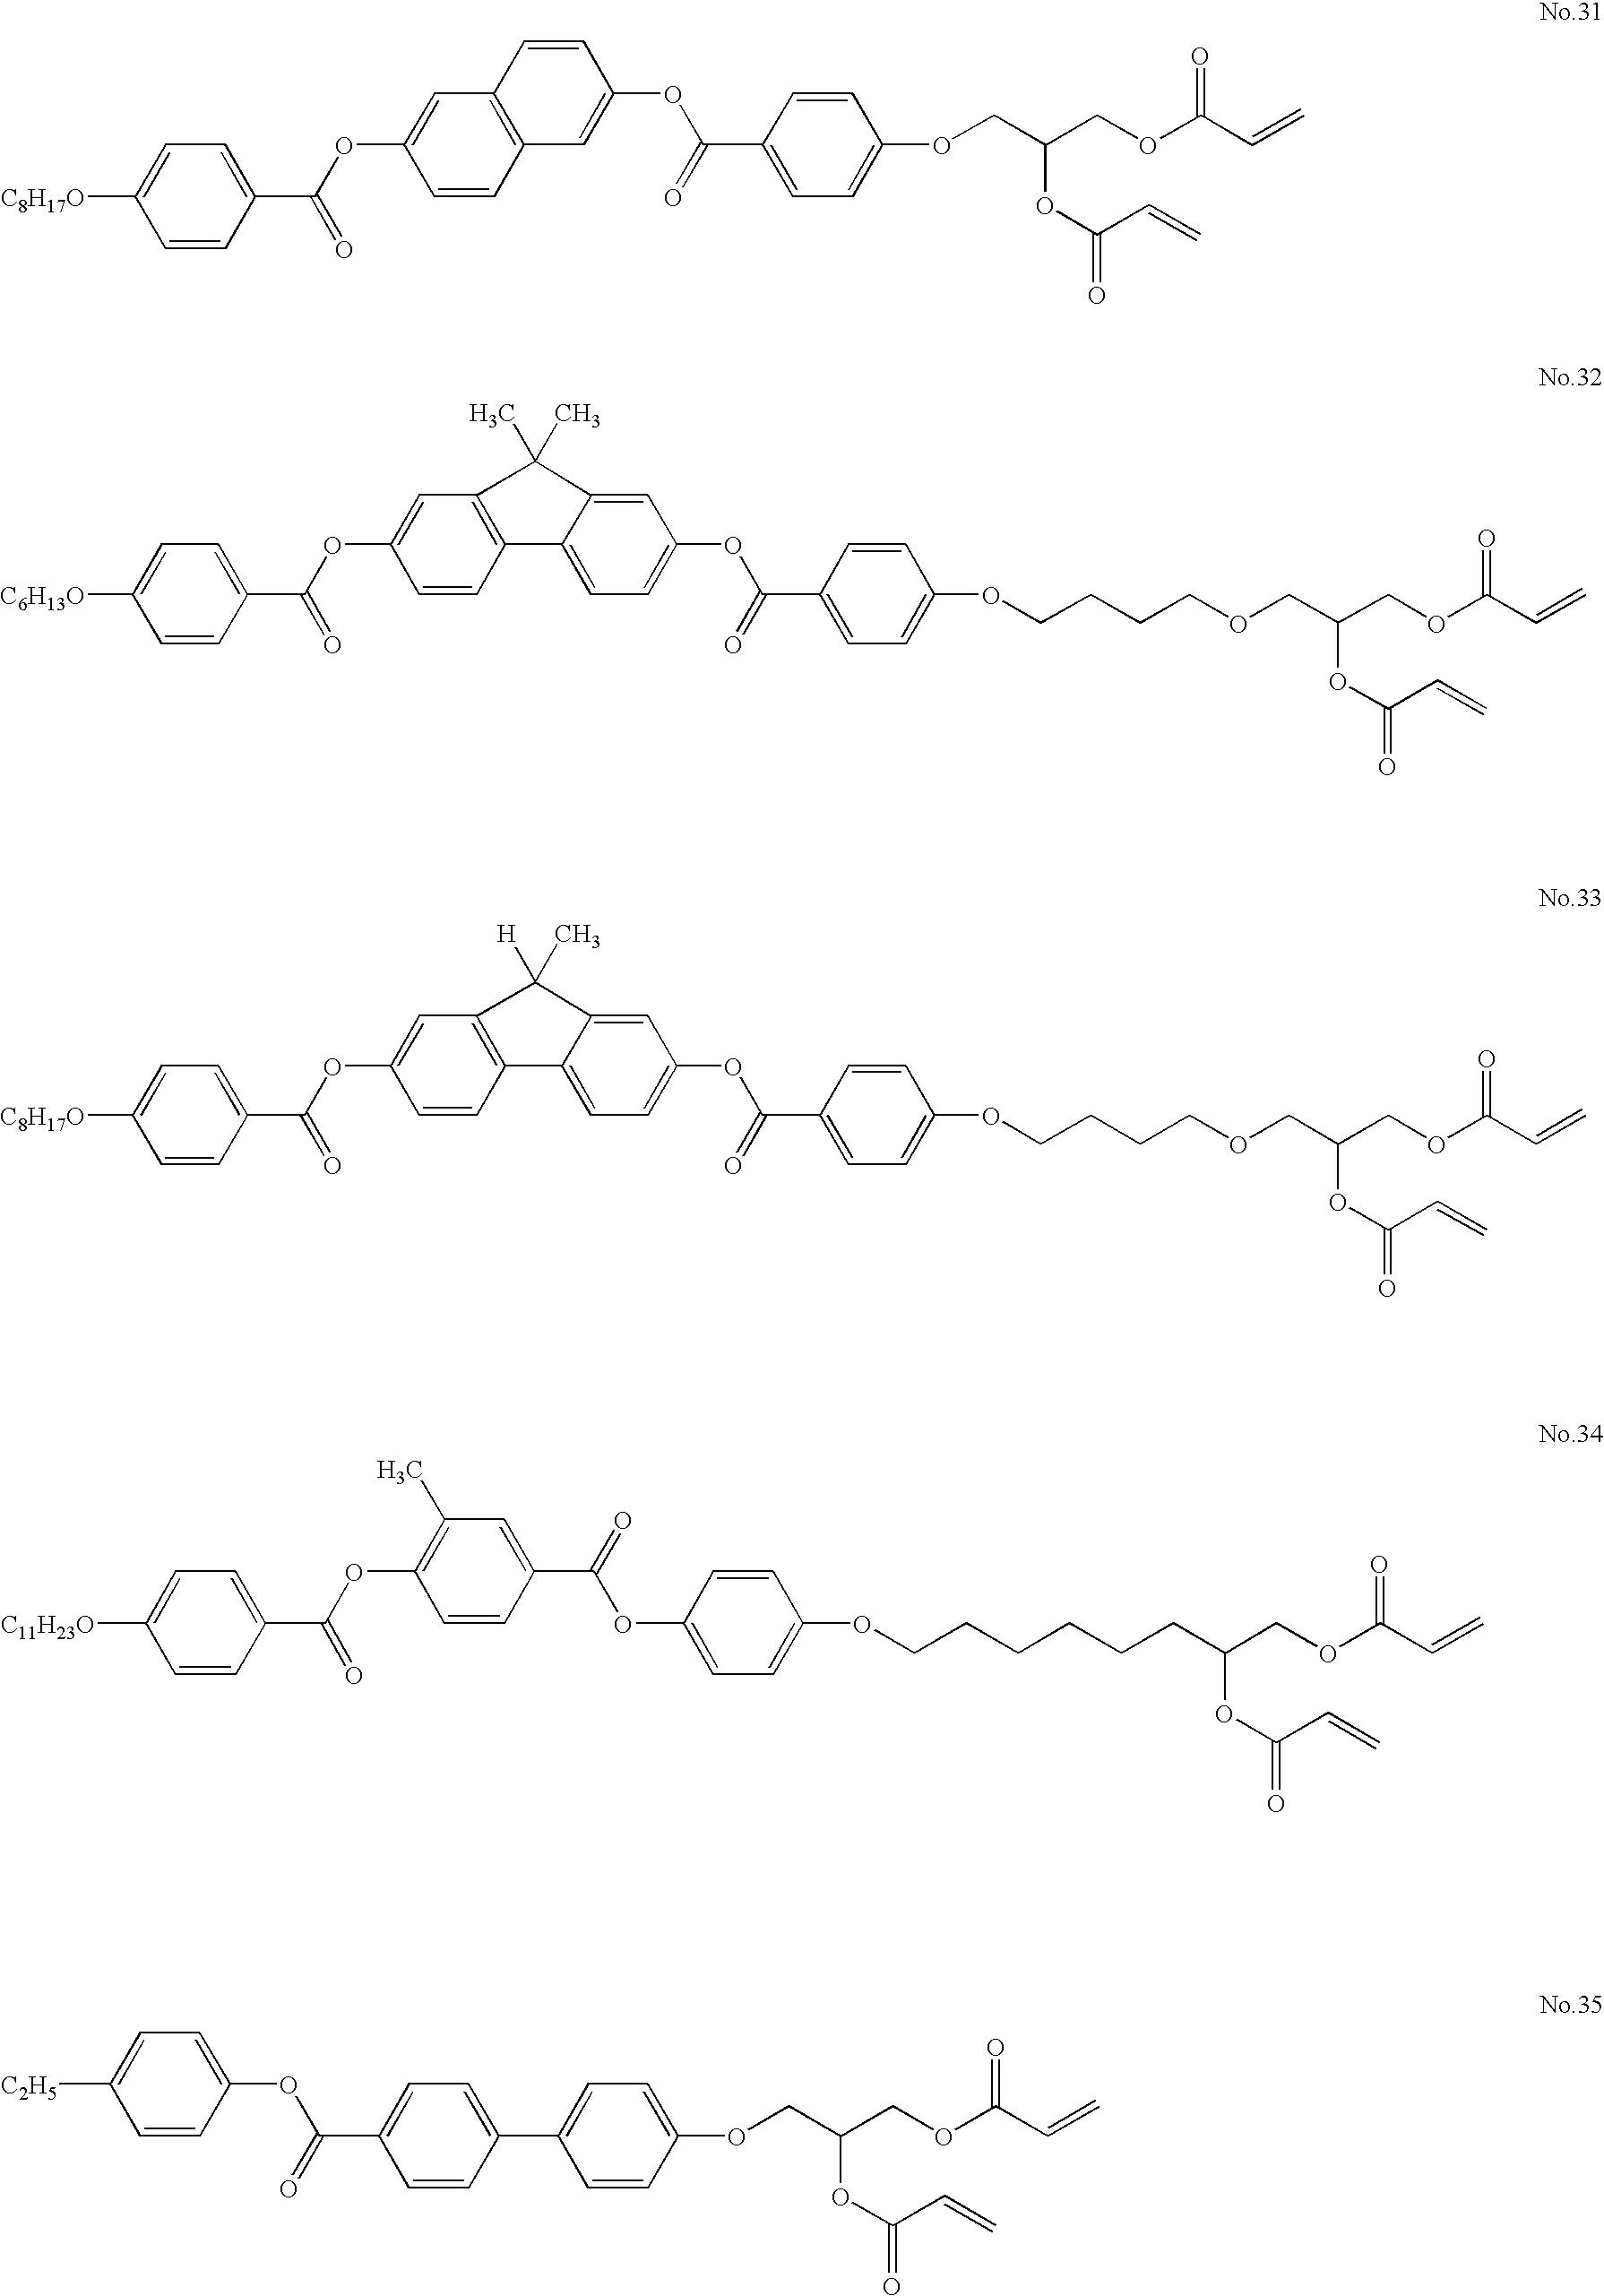 Figure US20060172090A1-20060803-C00015